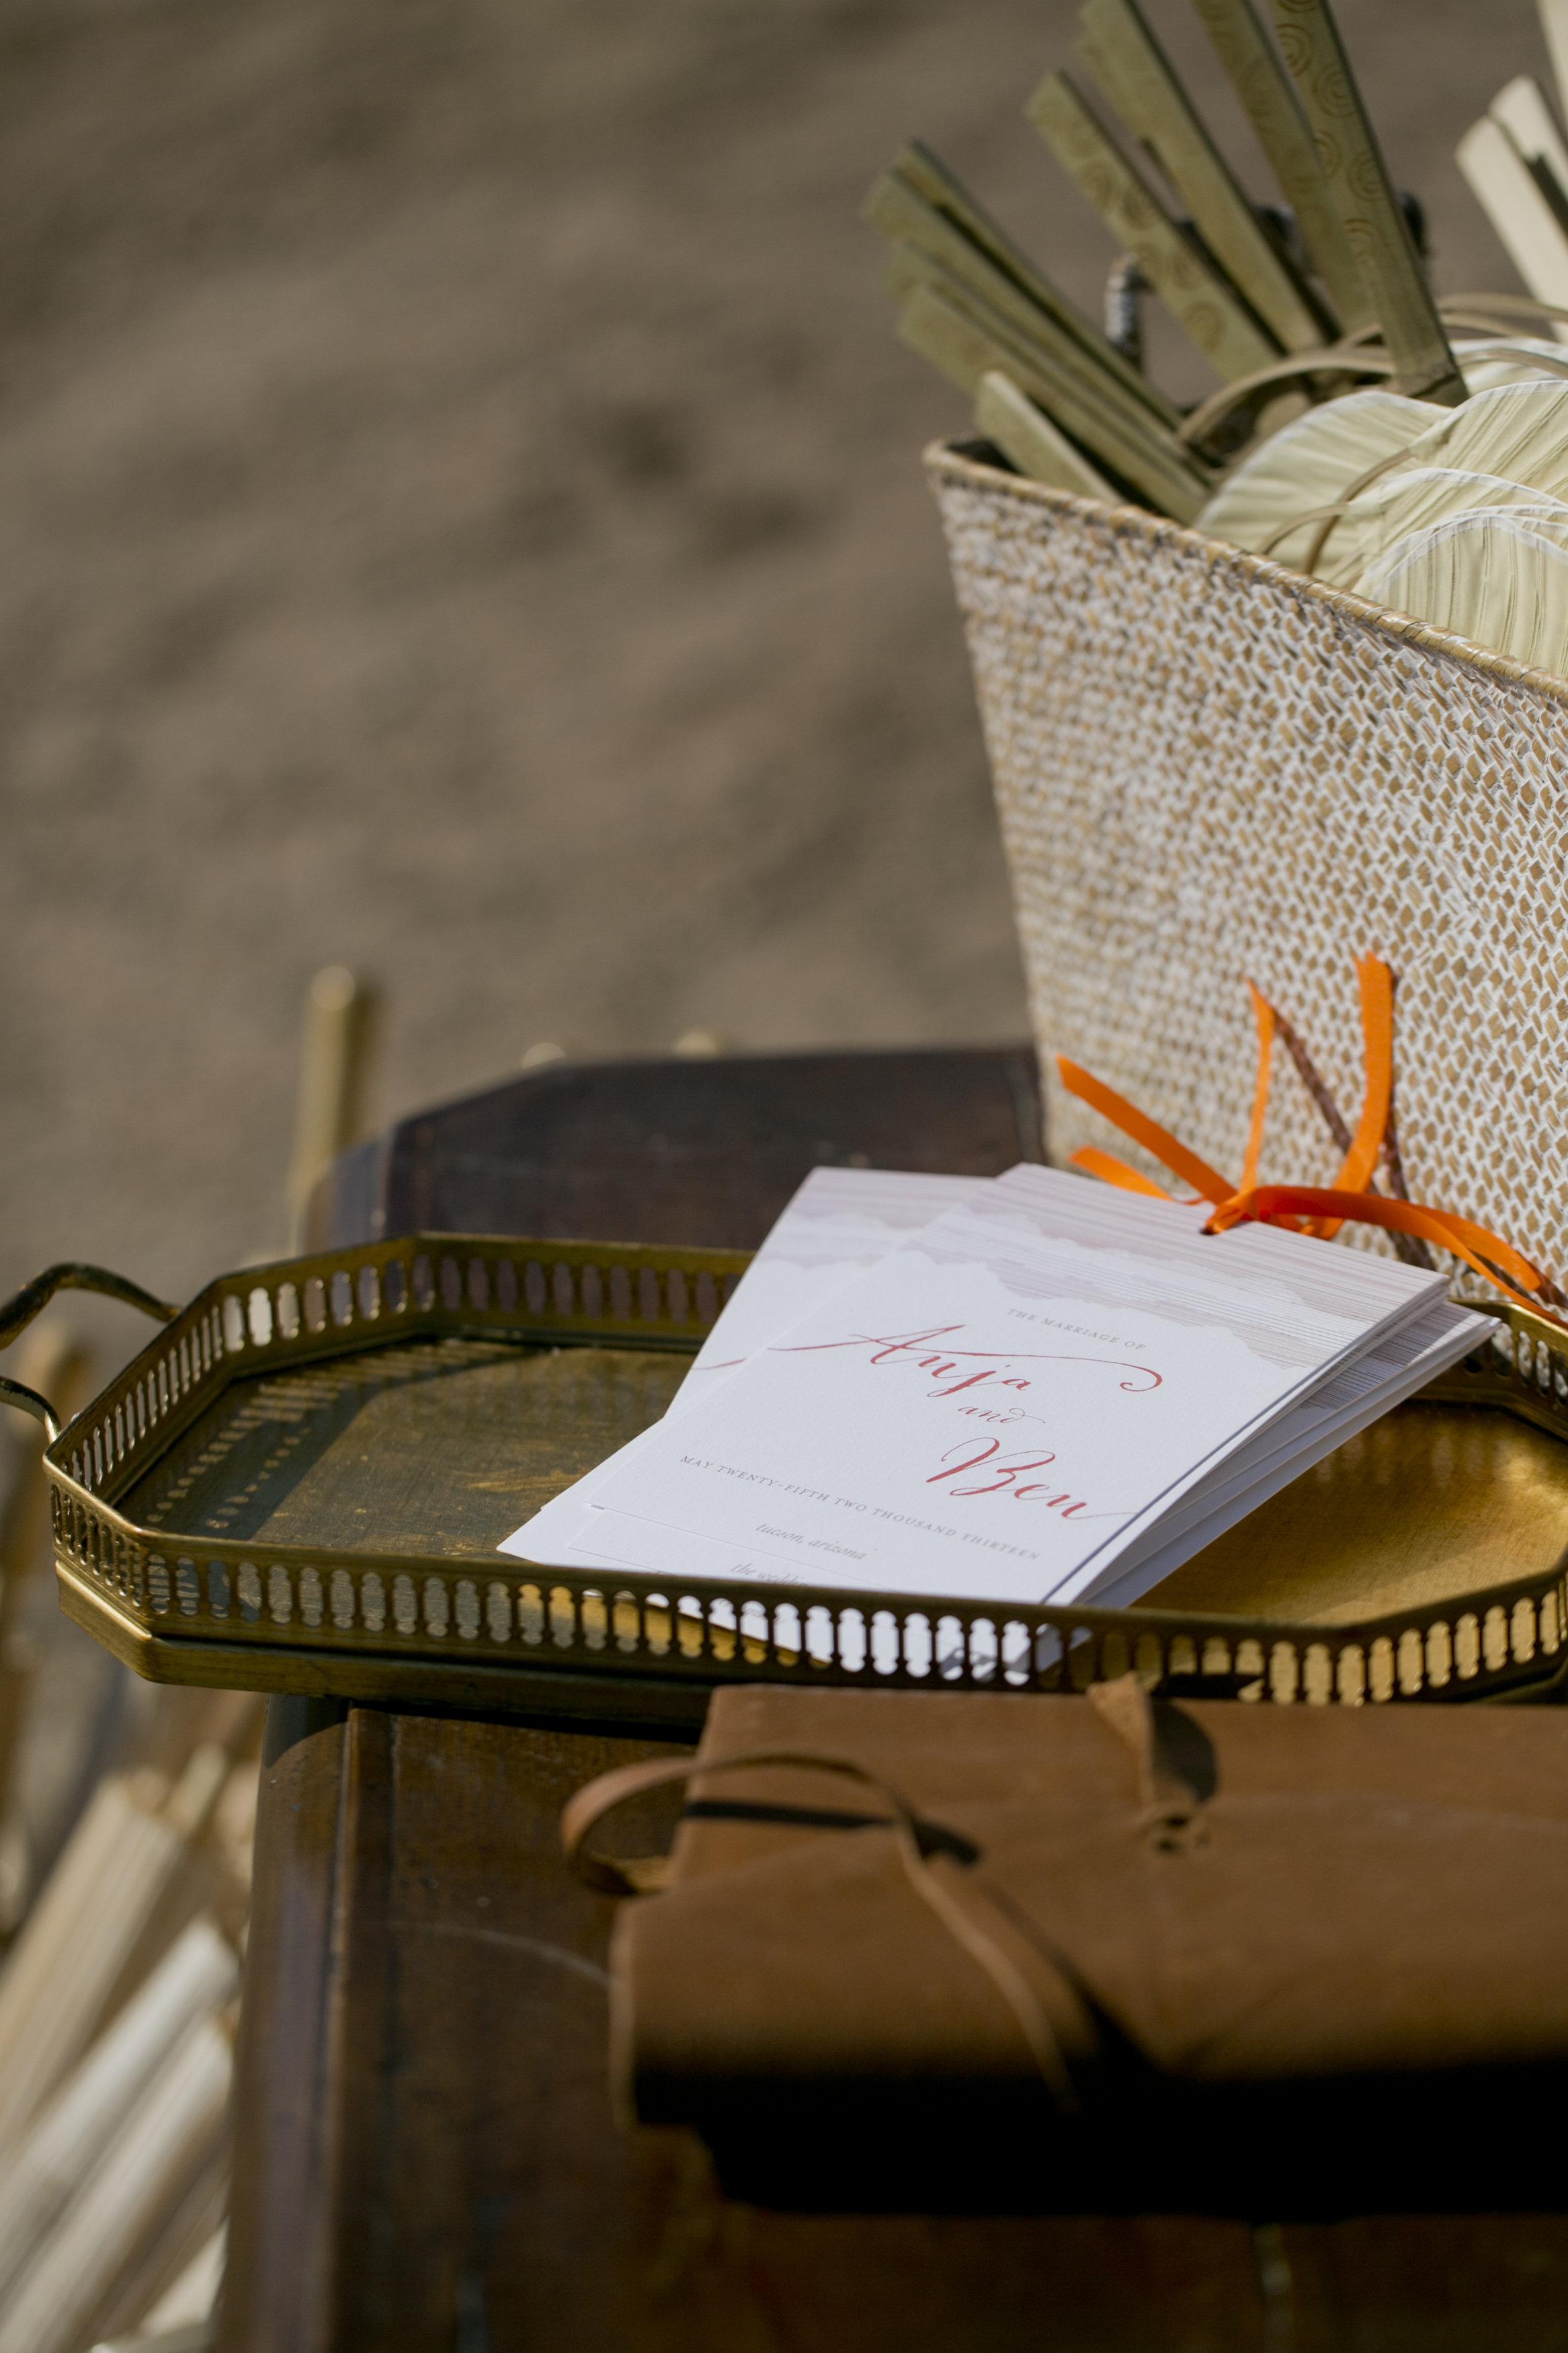 Ceci_New_York_Ceci_Style_Ceci_Johnson_Luxury_Lifestyle_Arizona_Wedding_Watercolor_Inspiration_Design_Custom_Couture_Personalized_Invitations_91.jpg